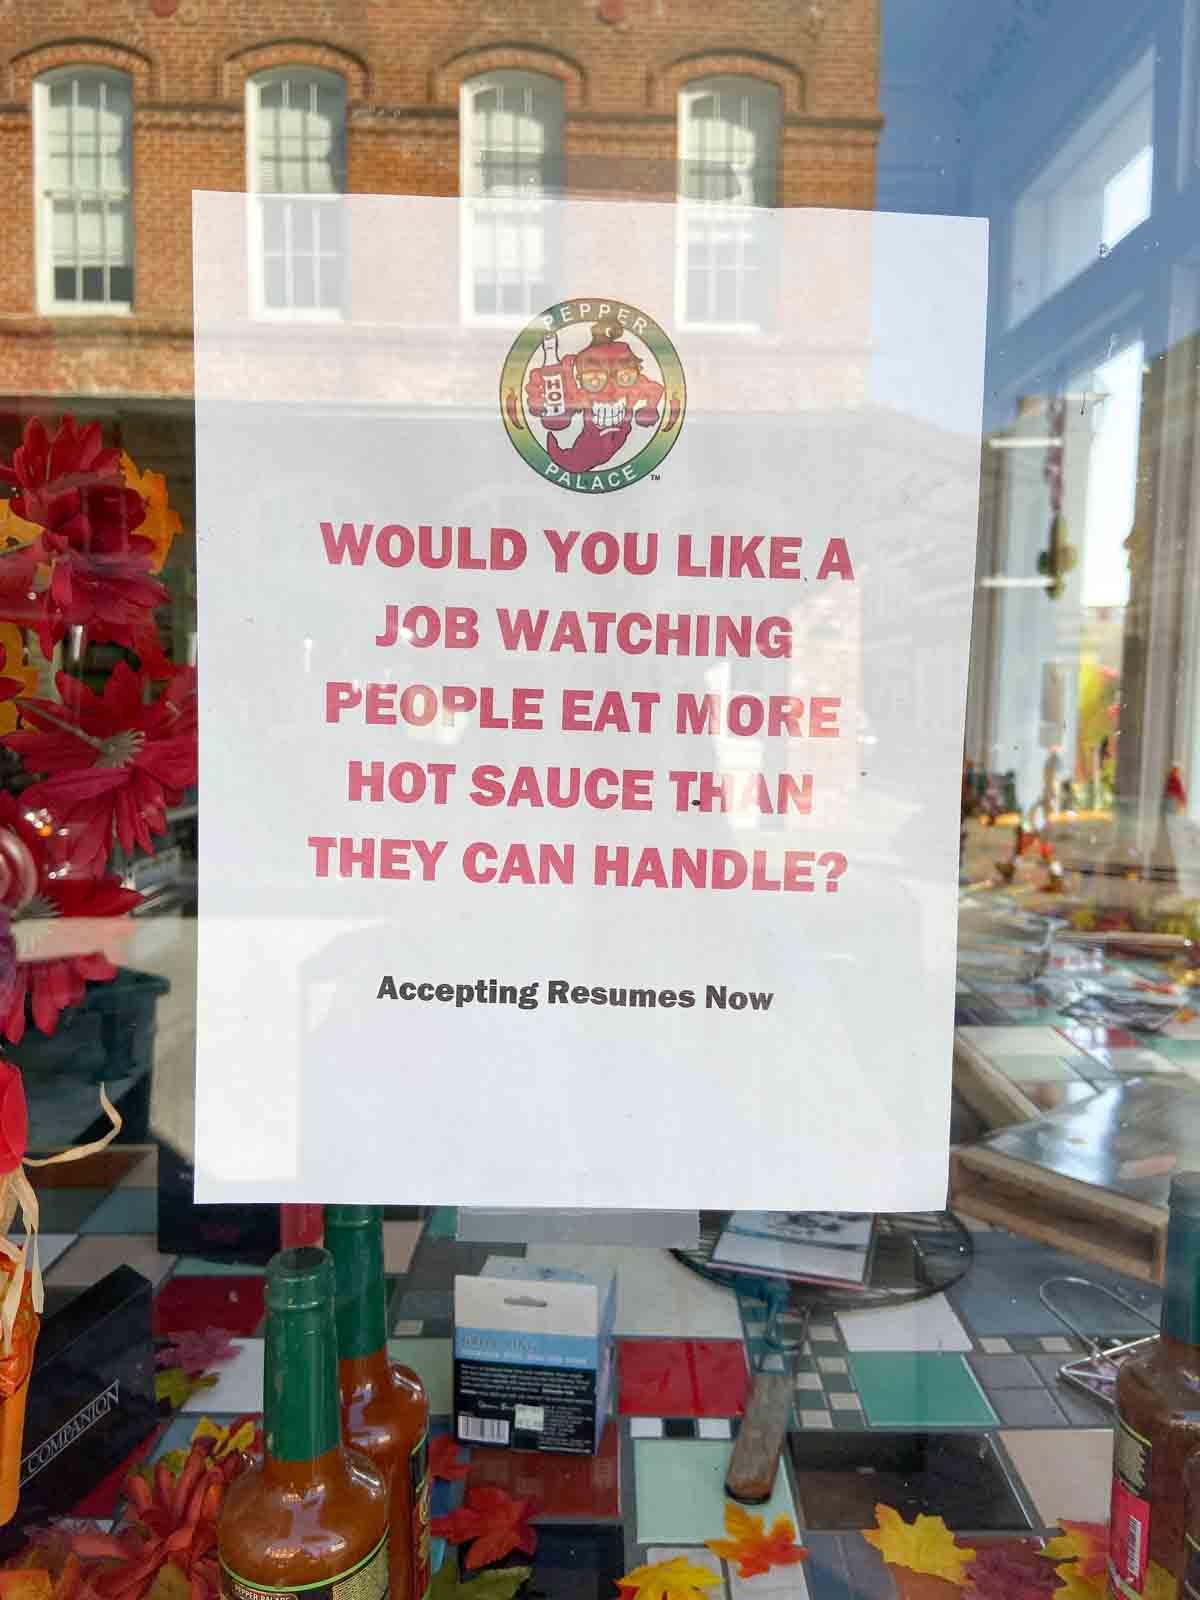 NOLA sign re: hot sauce